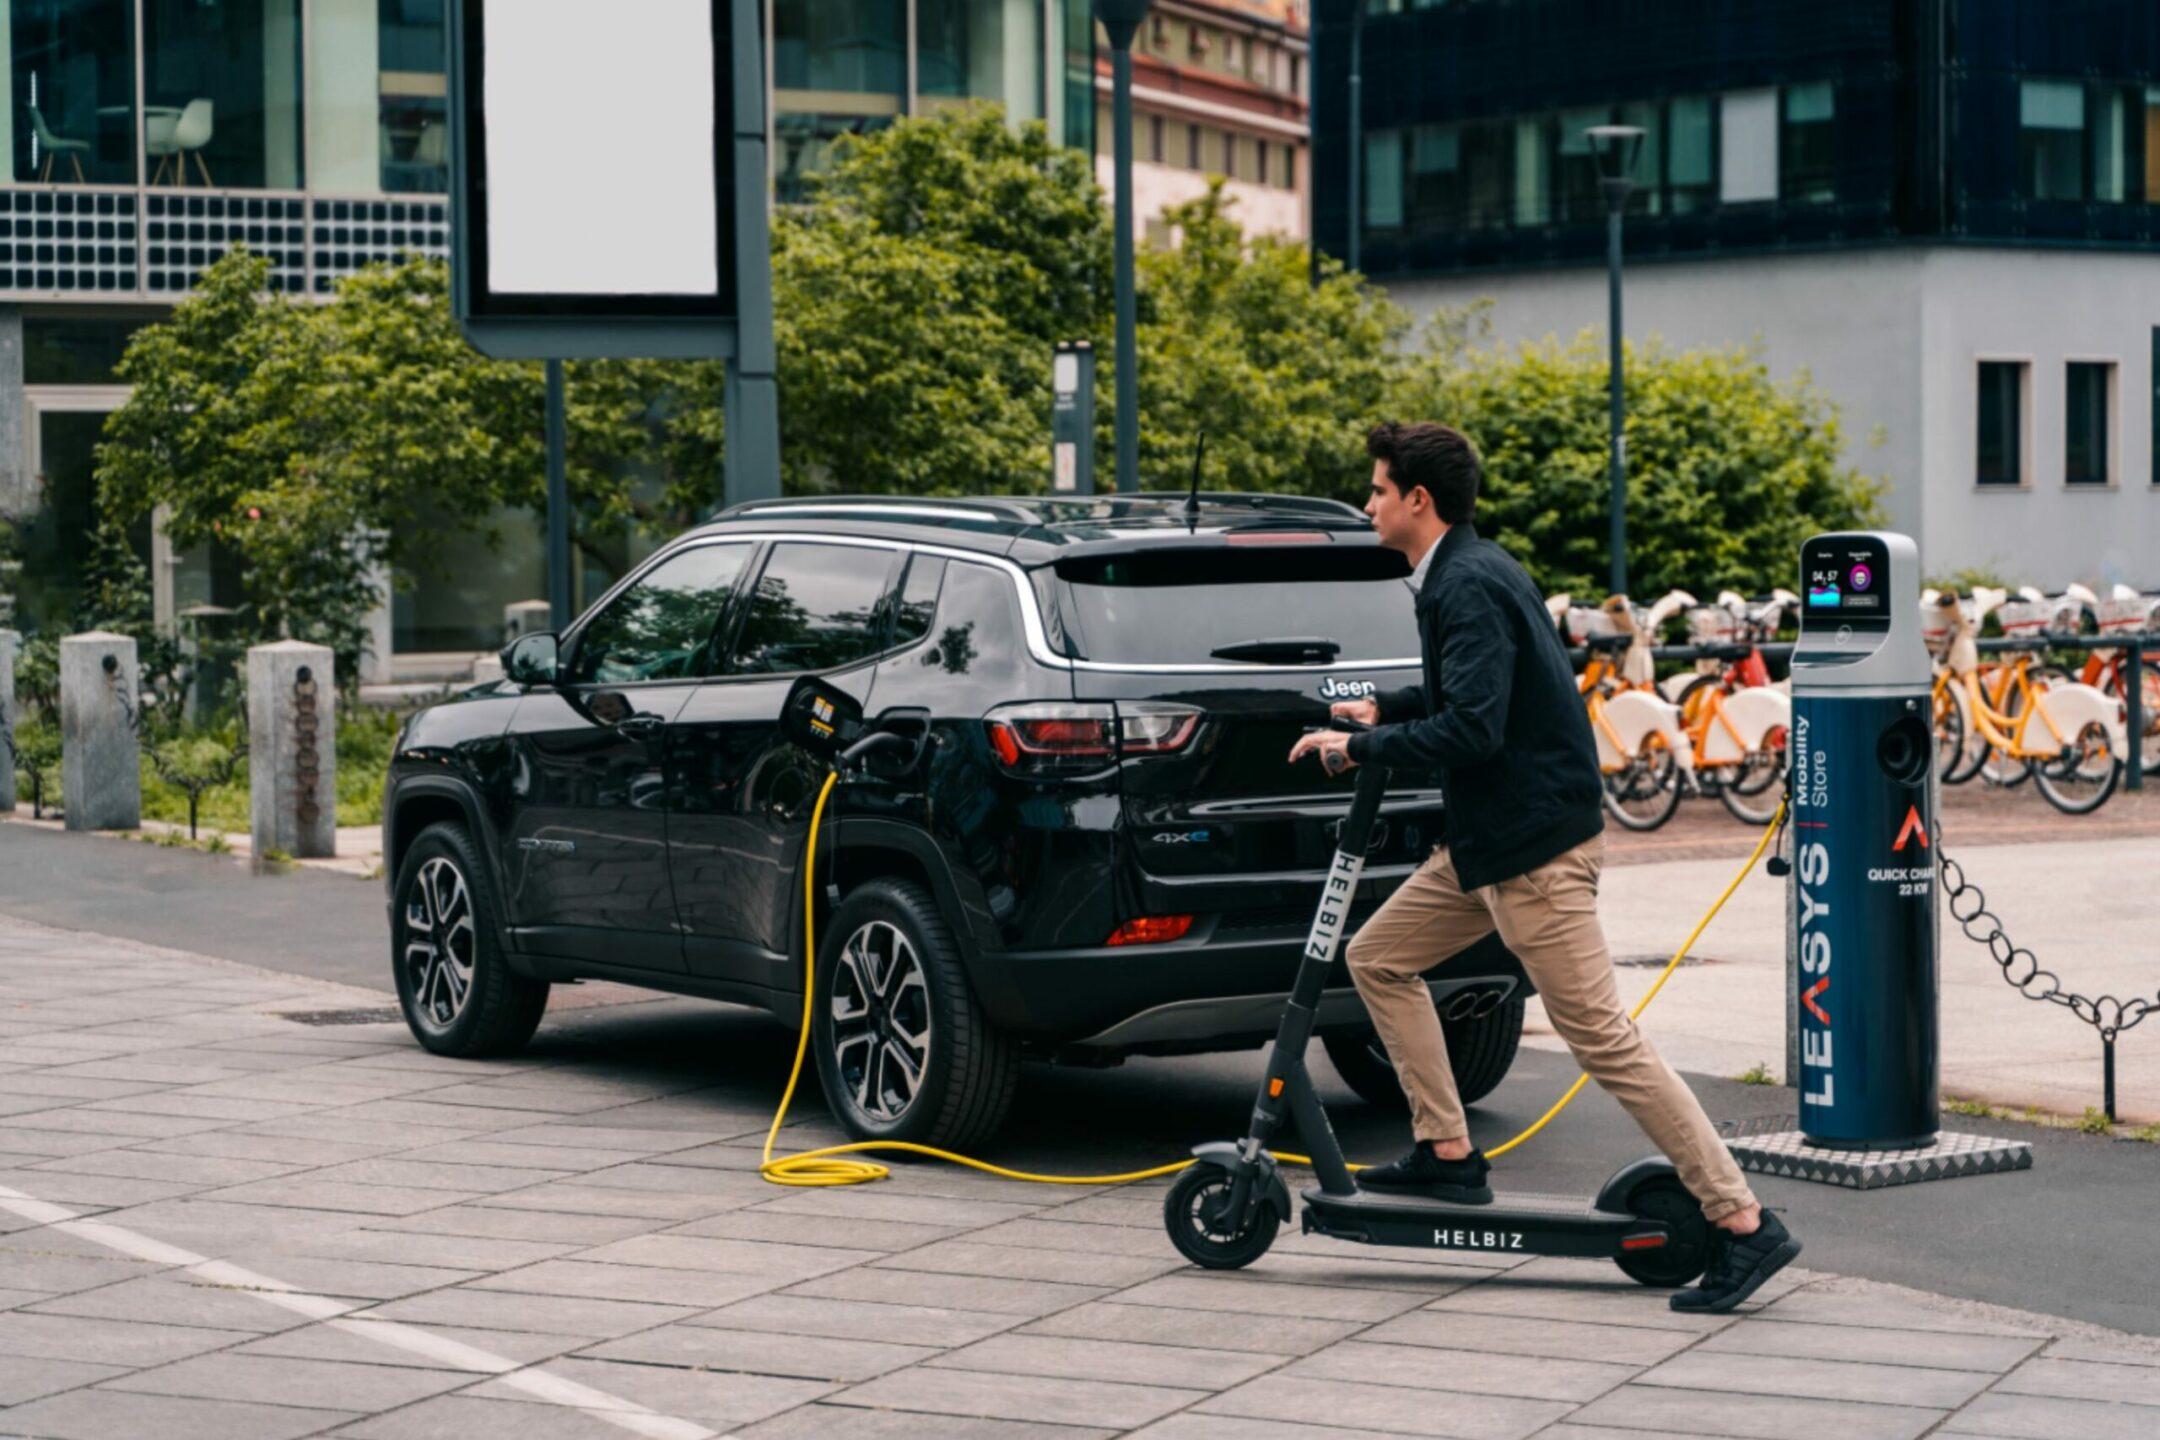 Helbiz e Leasys insieme per un pr ogetto di mobilità sostenibile